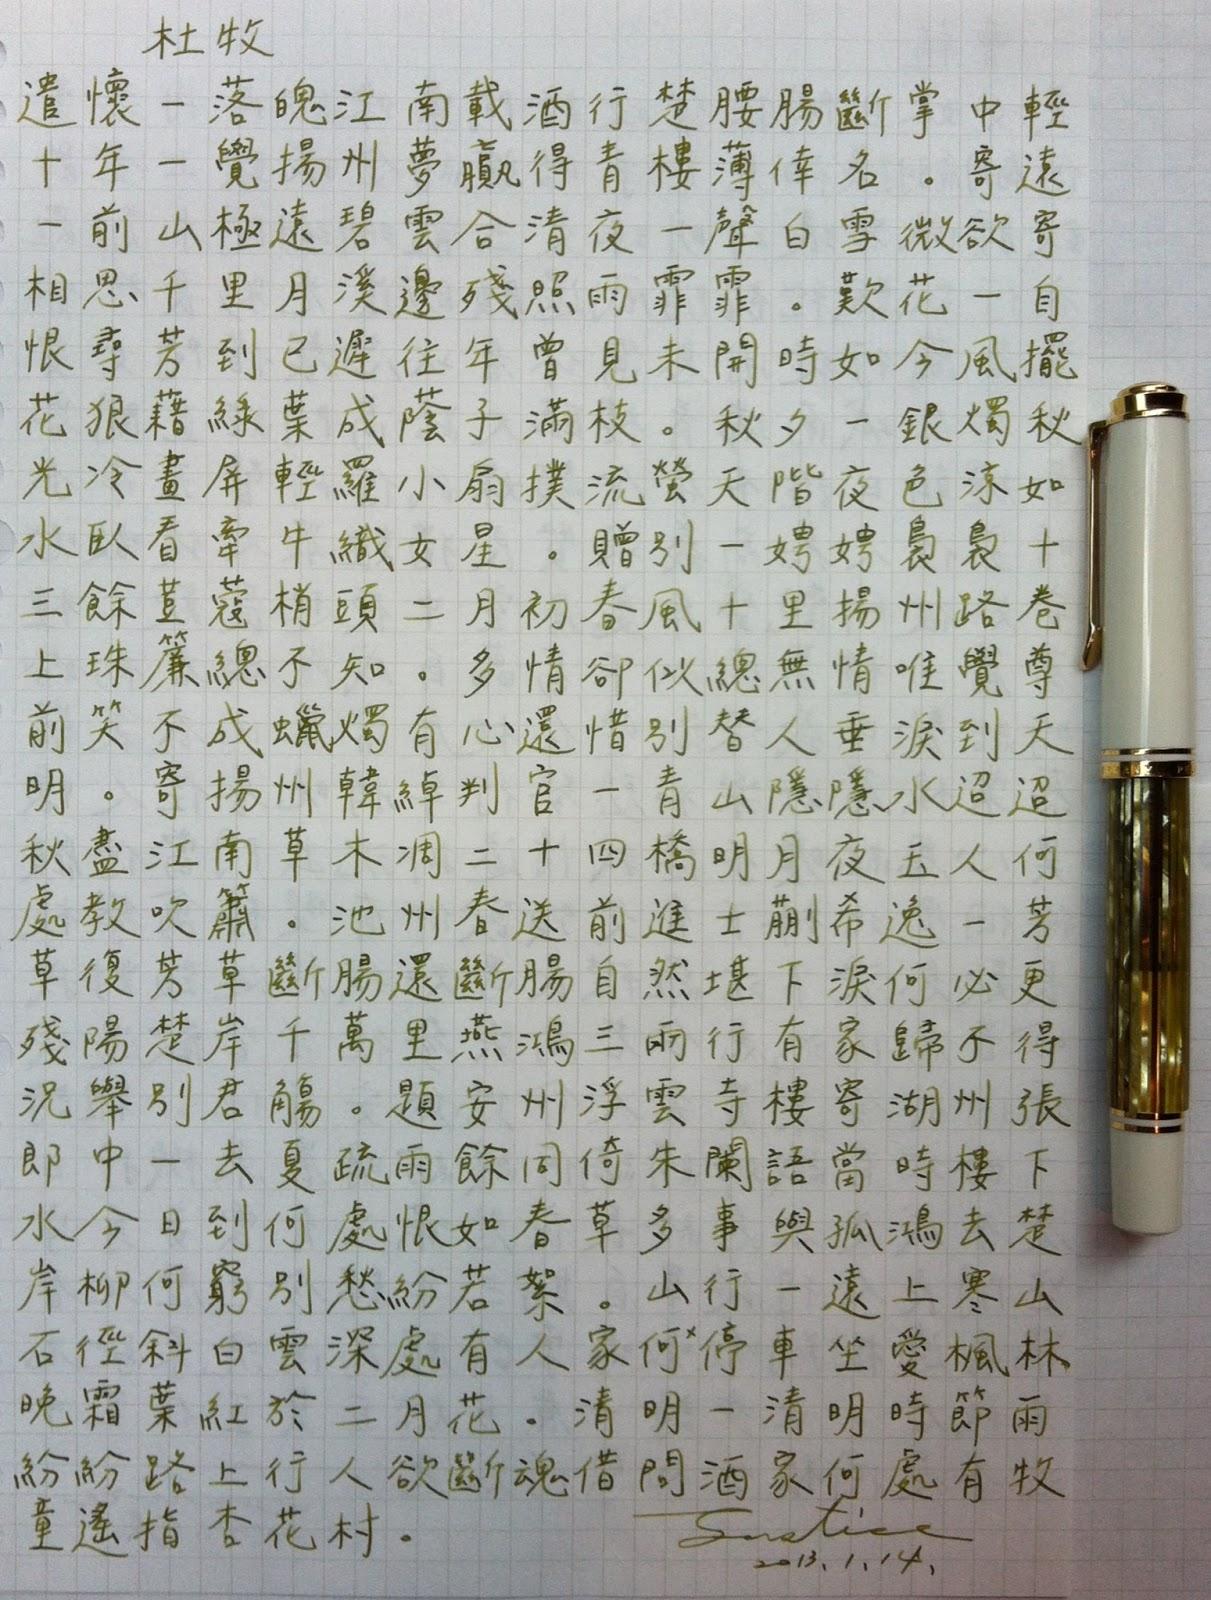 寫字是一輩子的事情: 練字-20130114